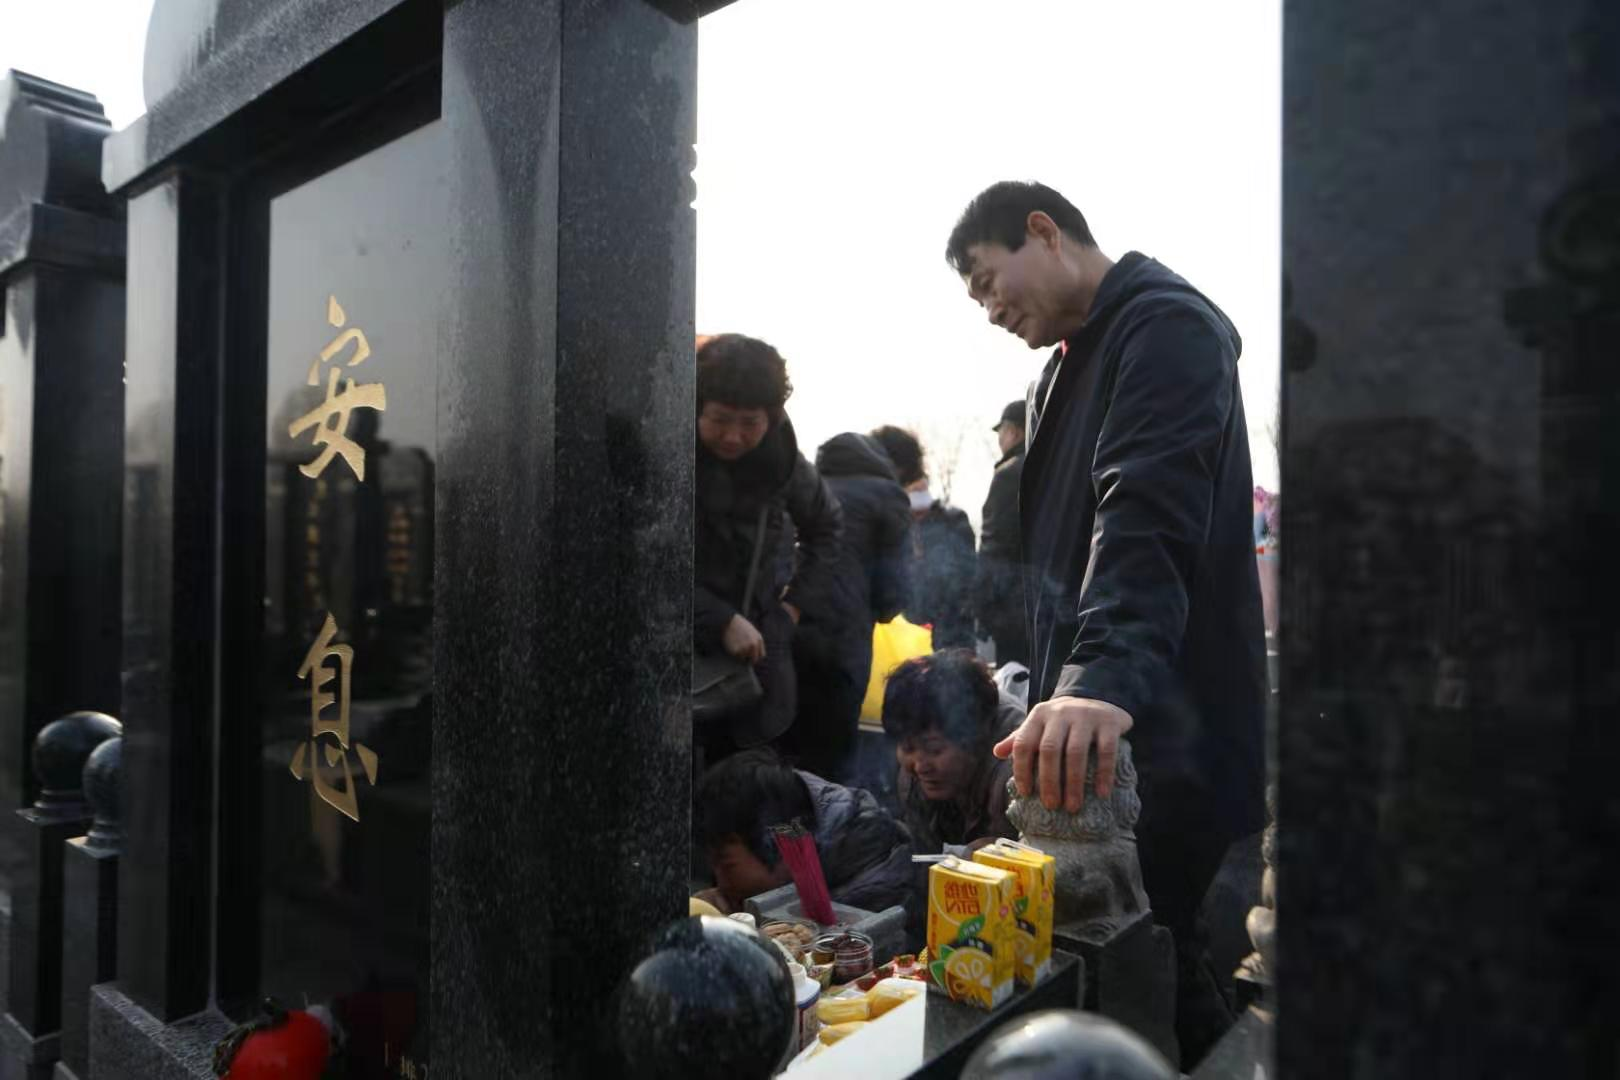 漫步者龙虎榜解密:创新高!疑是赵老哥净买6100万